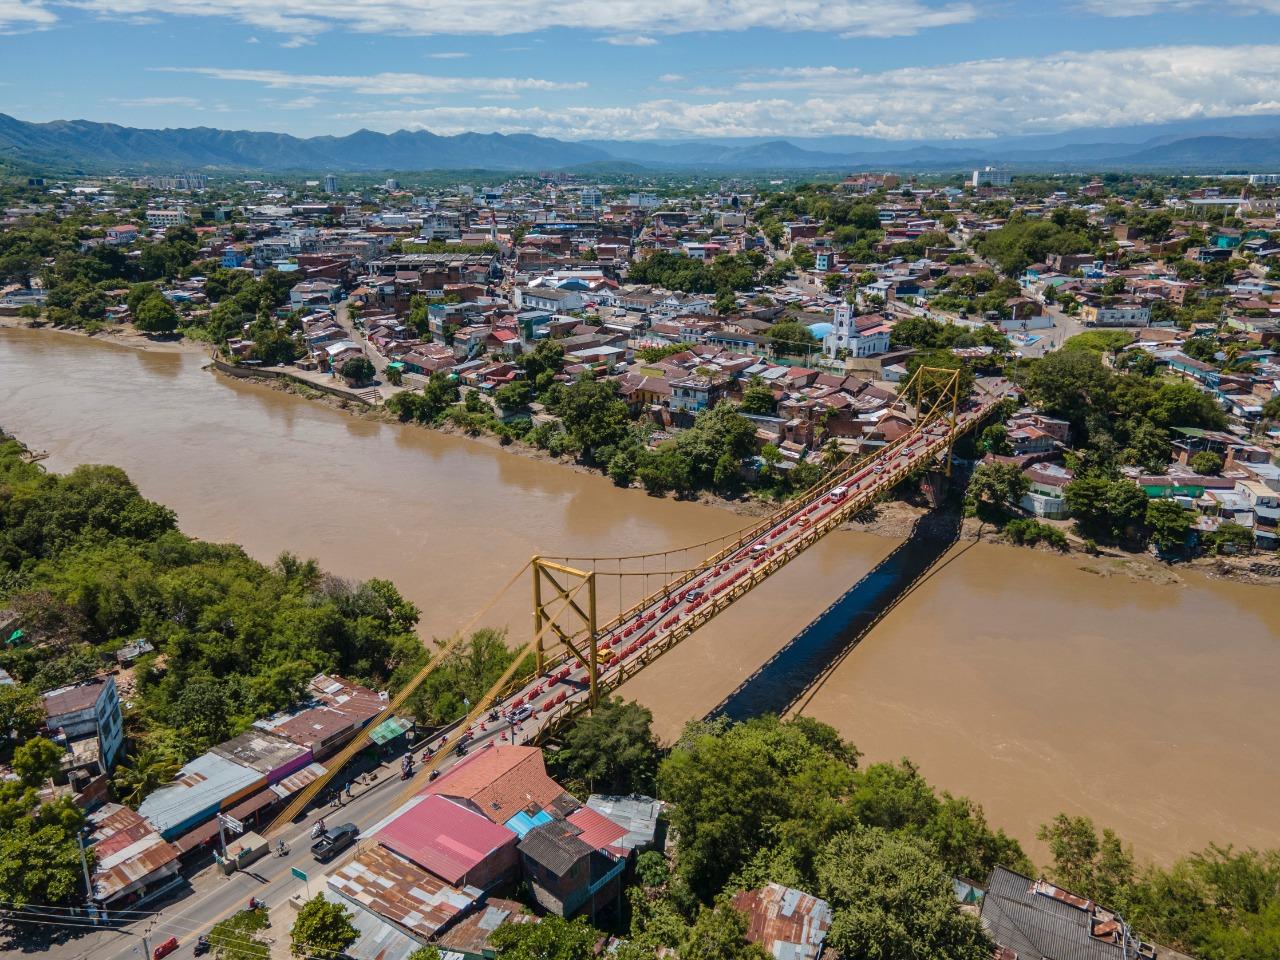 Gobierno Nacional cierra temporalmente Puente Mariano Ospina, que cruza el río Magdalena entre Girardot y Flandes, para realizar intervenciones